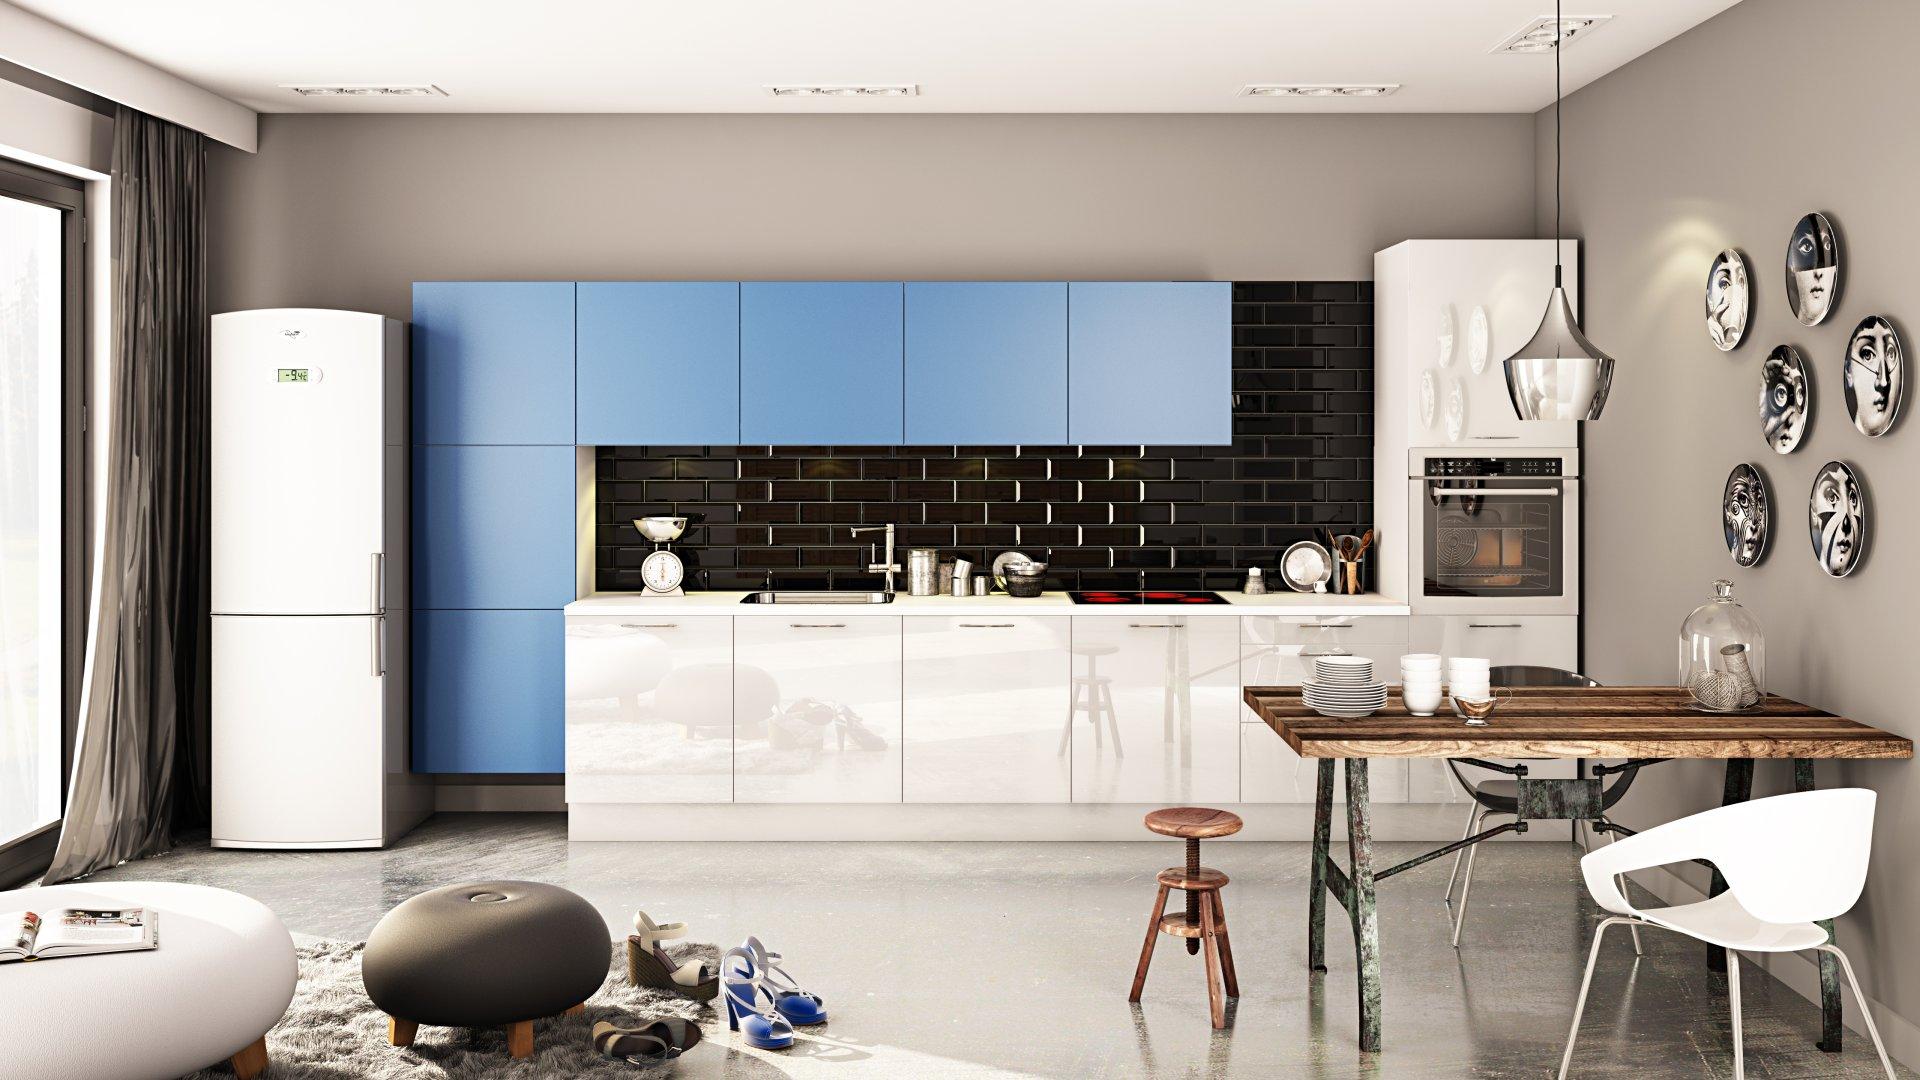 Meble kuchenne Moelke Rifflesso biały | Punto niebieski pastelowy - Nowoczesny, funkcjonalny aneks kuchenny w rozsądnym budżecie - WFM KUCHNIE Kraków